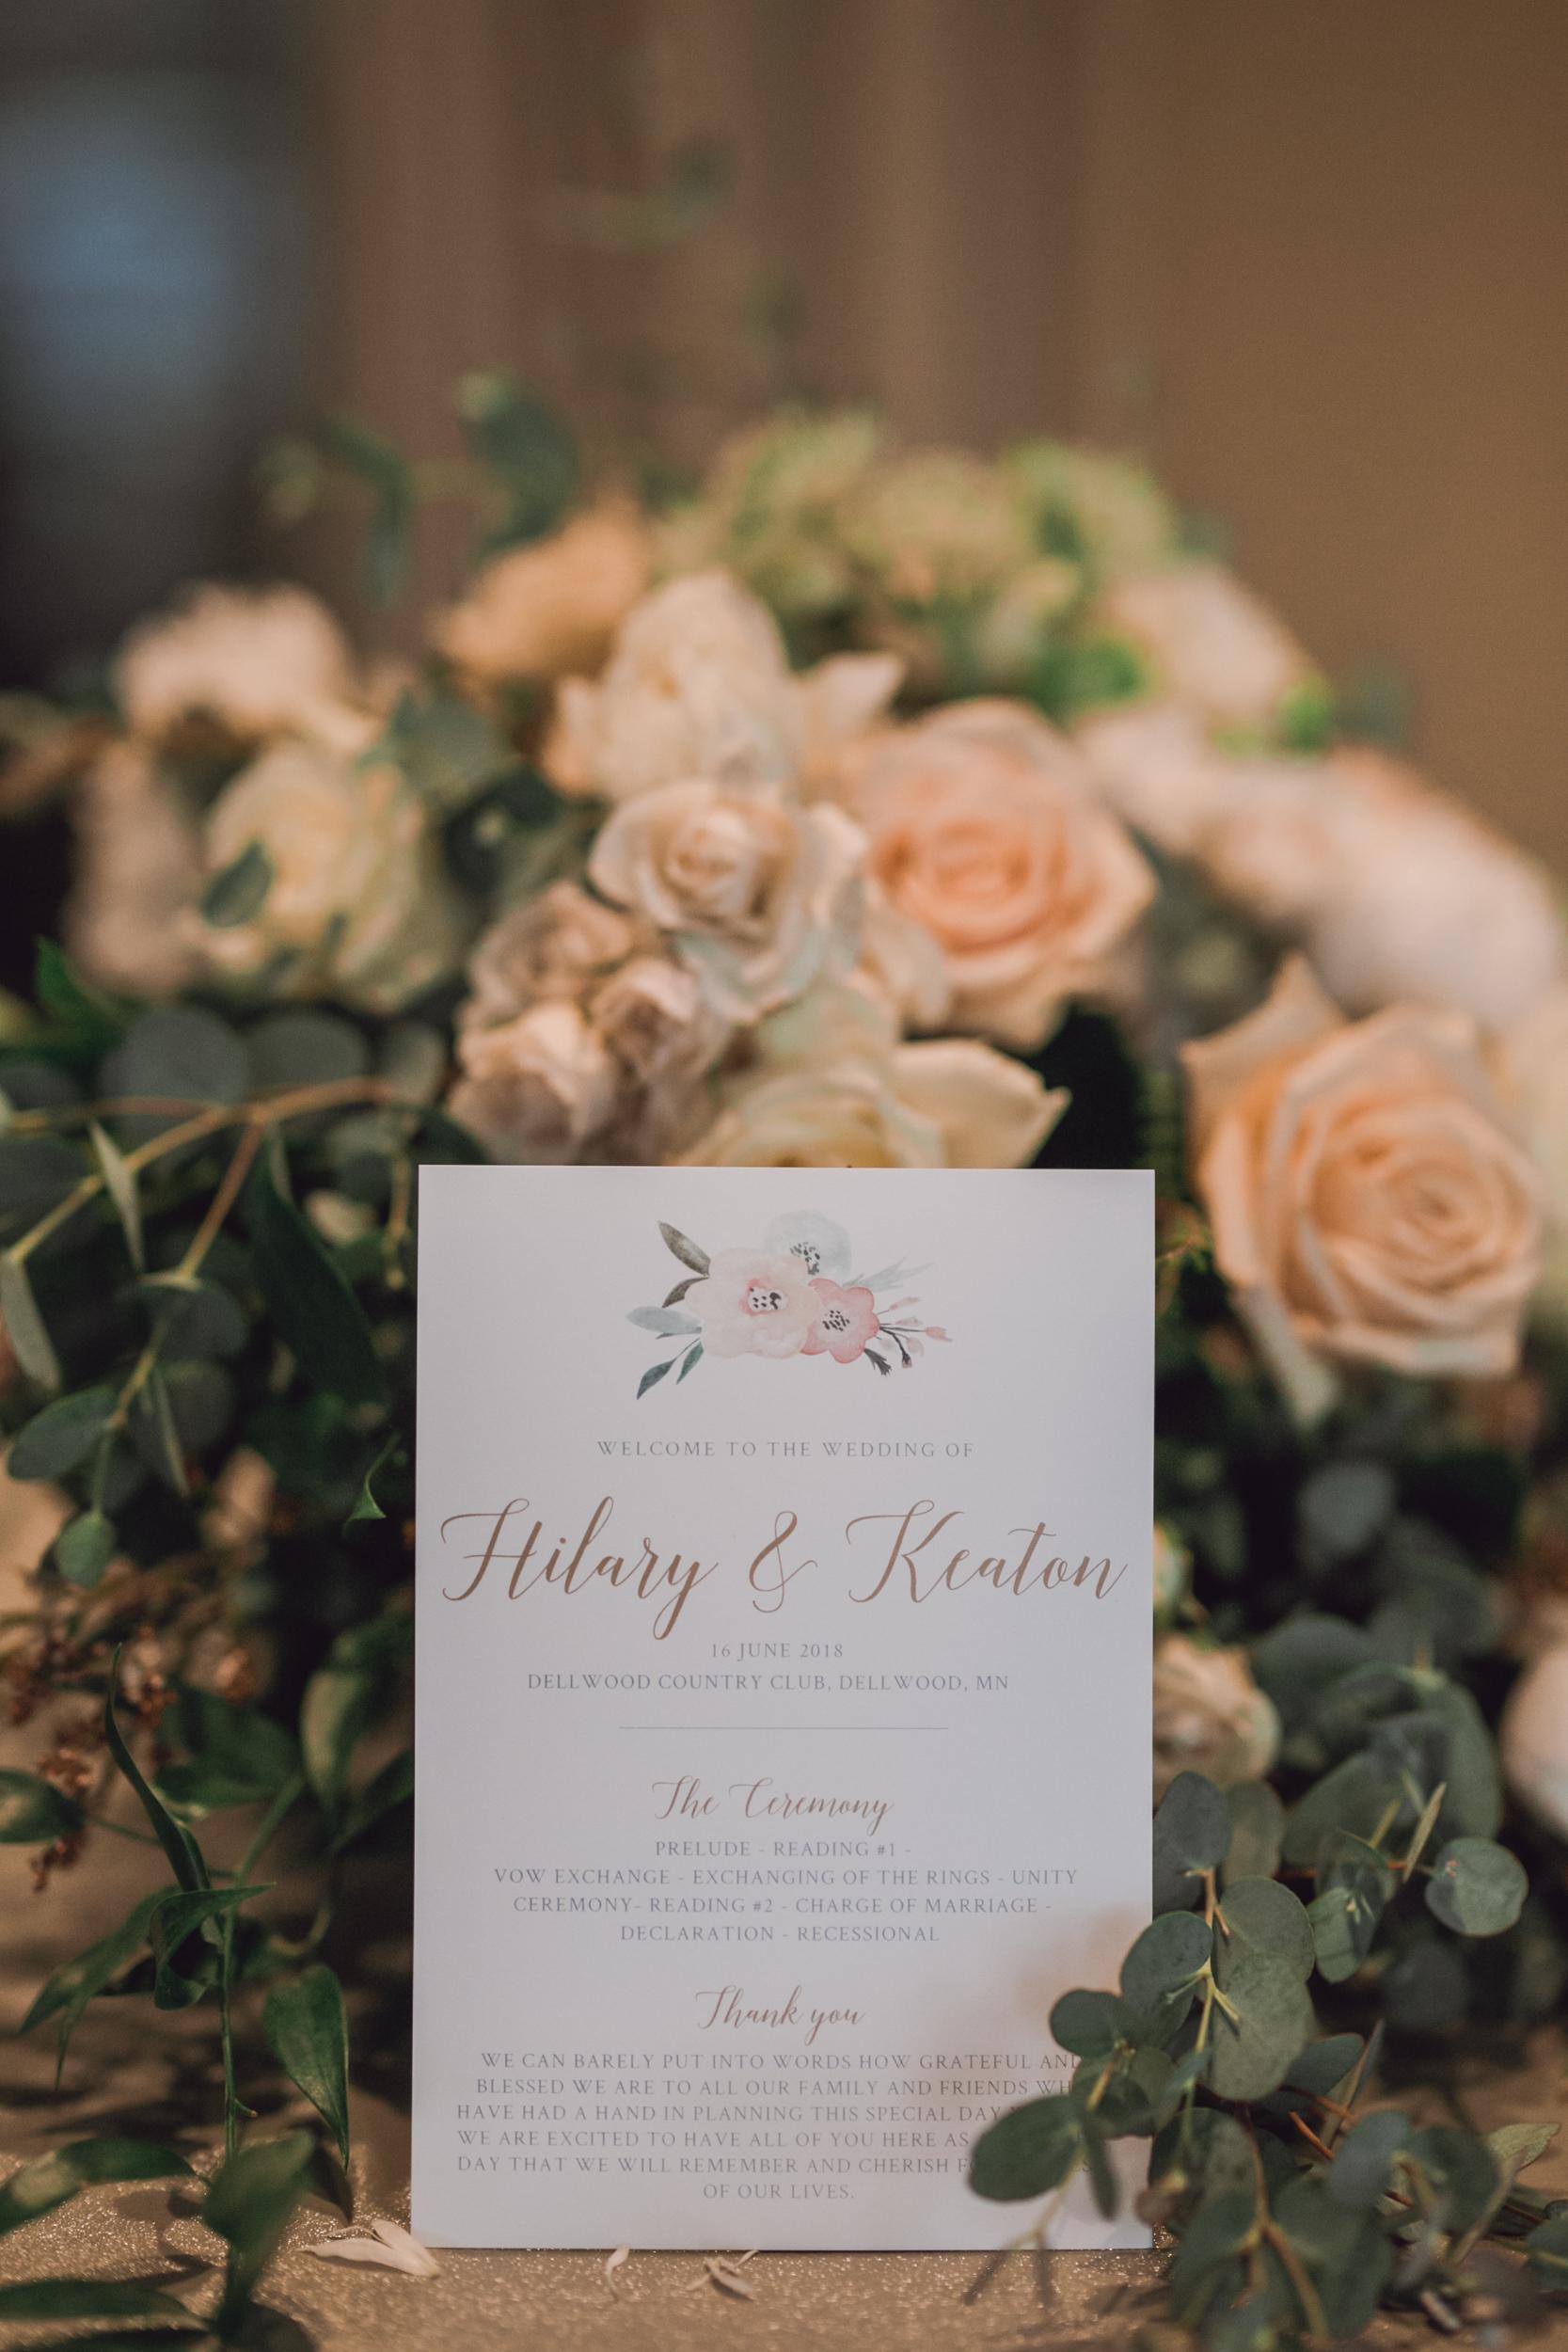 dellwood country club wedding*, Dellwood Country Club*, golf course wedding*, green golf course*, rose pink wedding details*-www.rachelsmak.com6.jpg